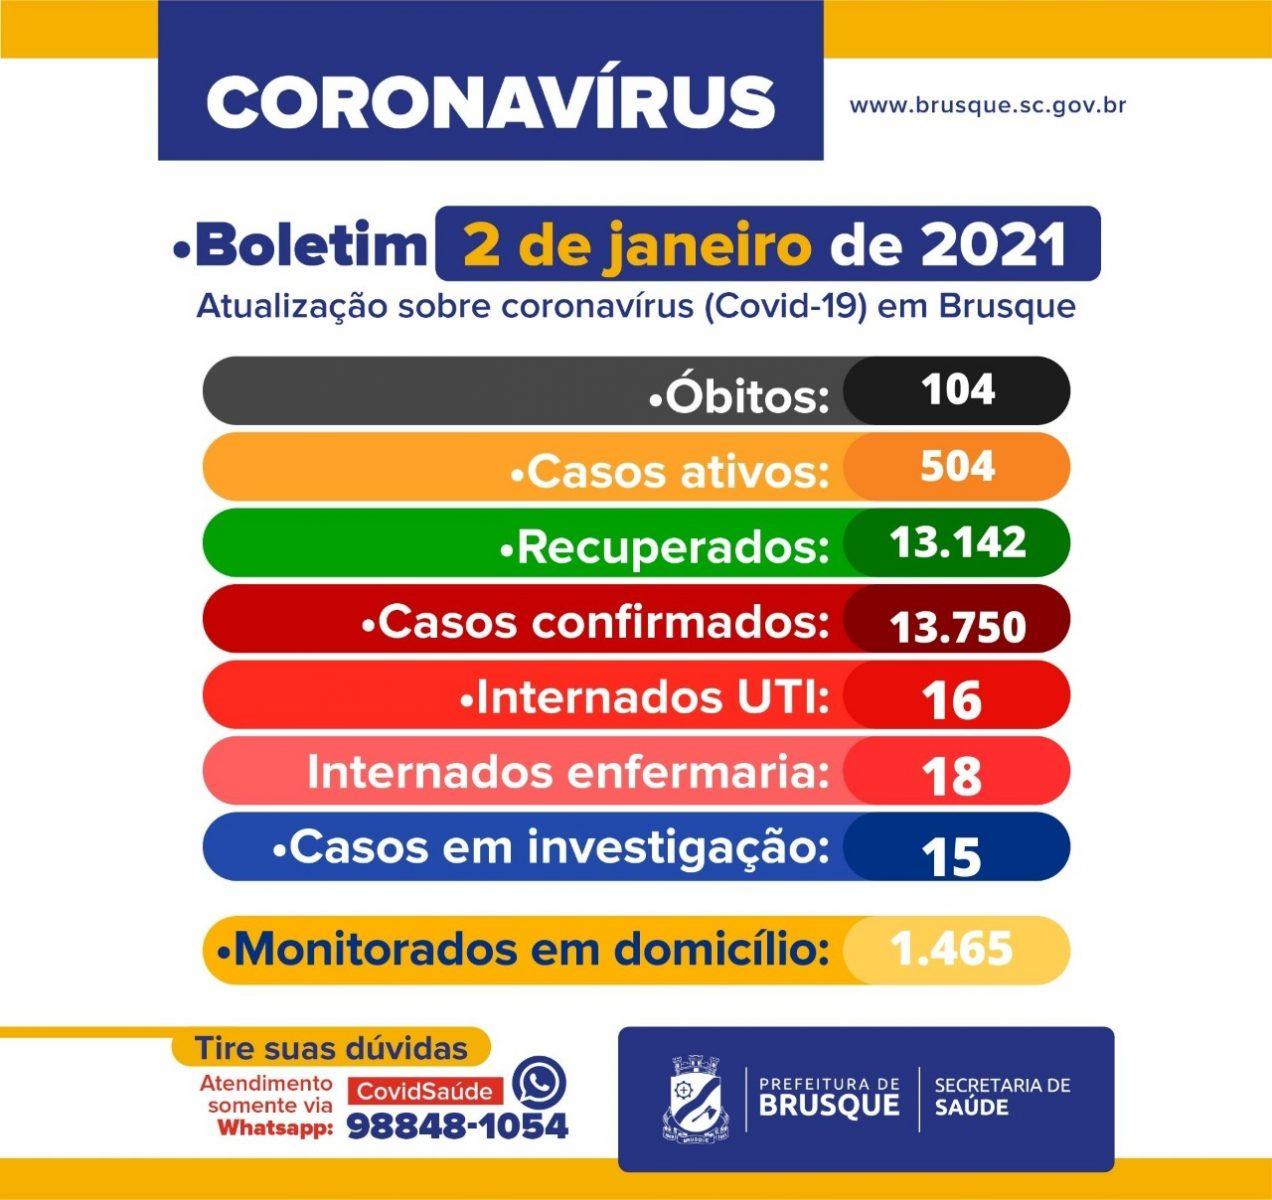 Covid-19: Confira o boletim epidemiológico deste sábado (02)